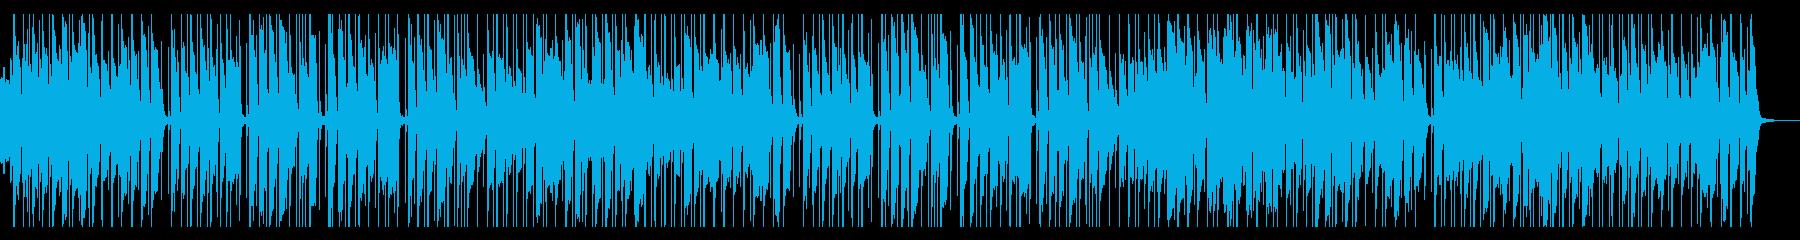 ウキウキ楽しい日常の一コマの再生済みの波形